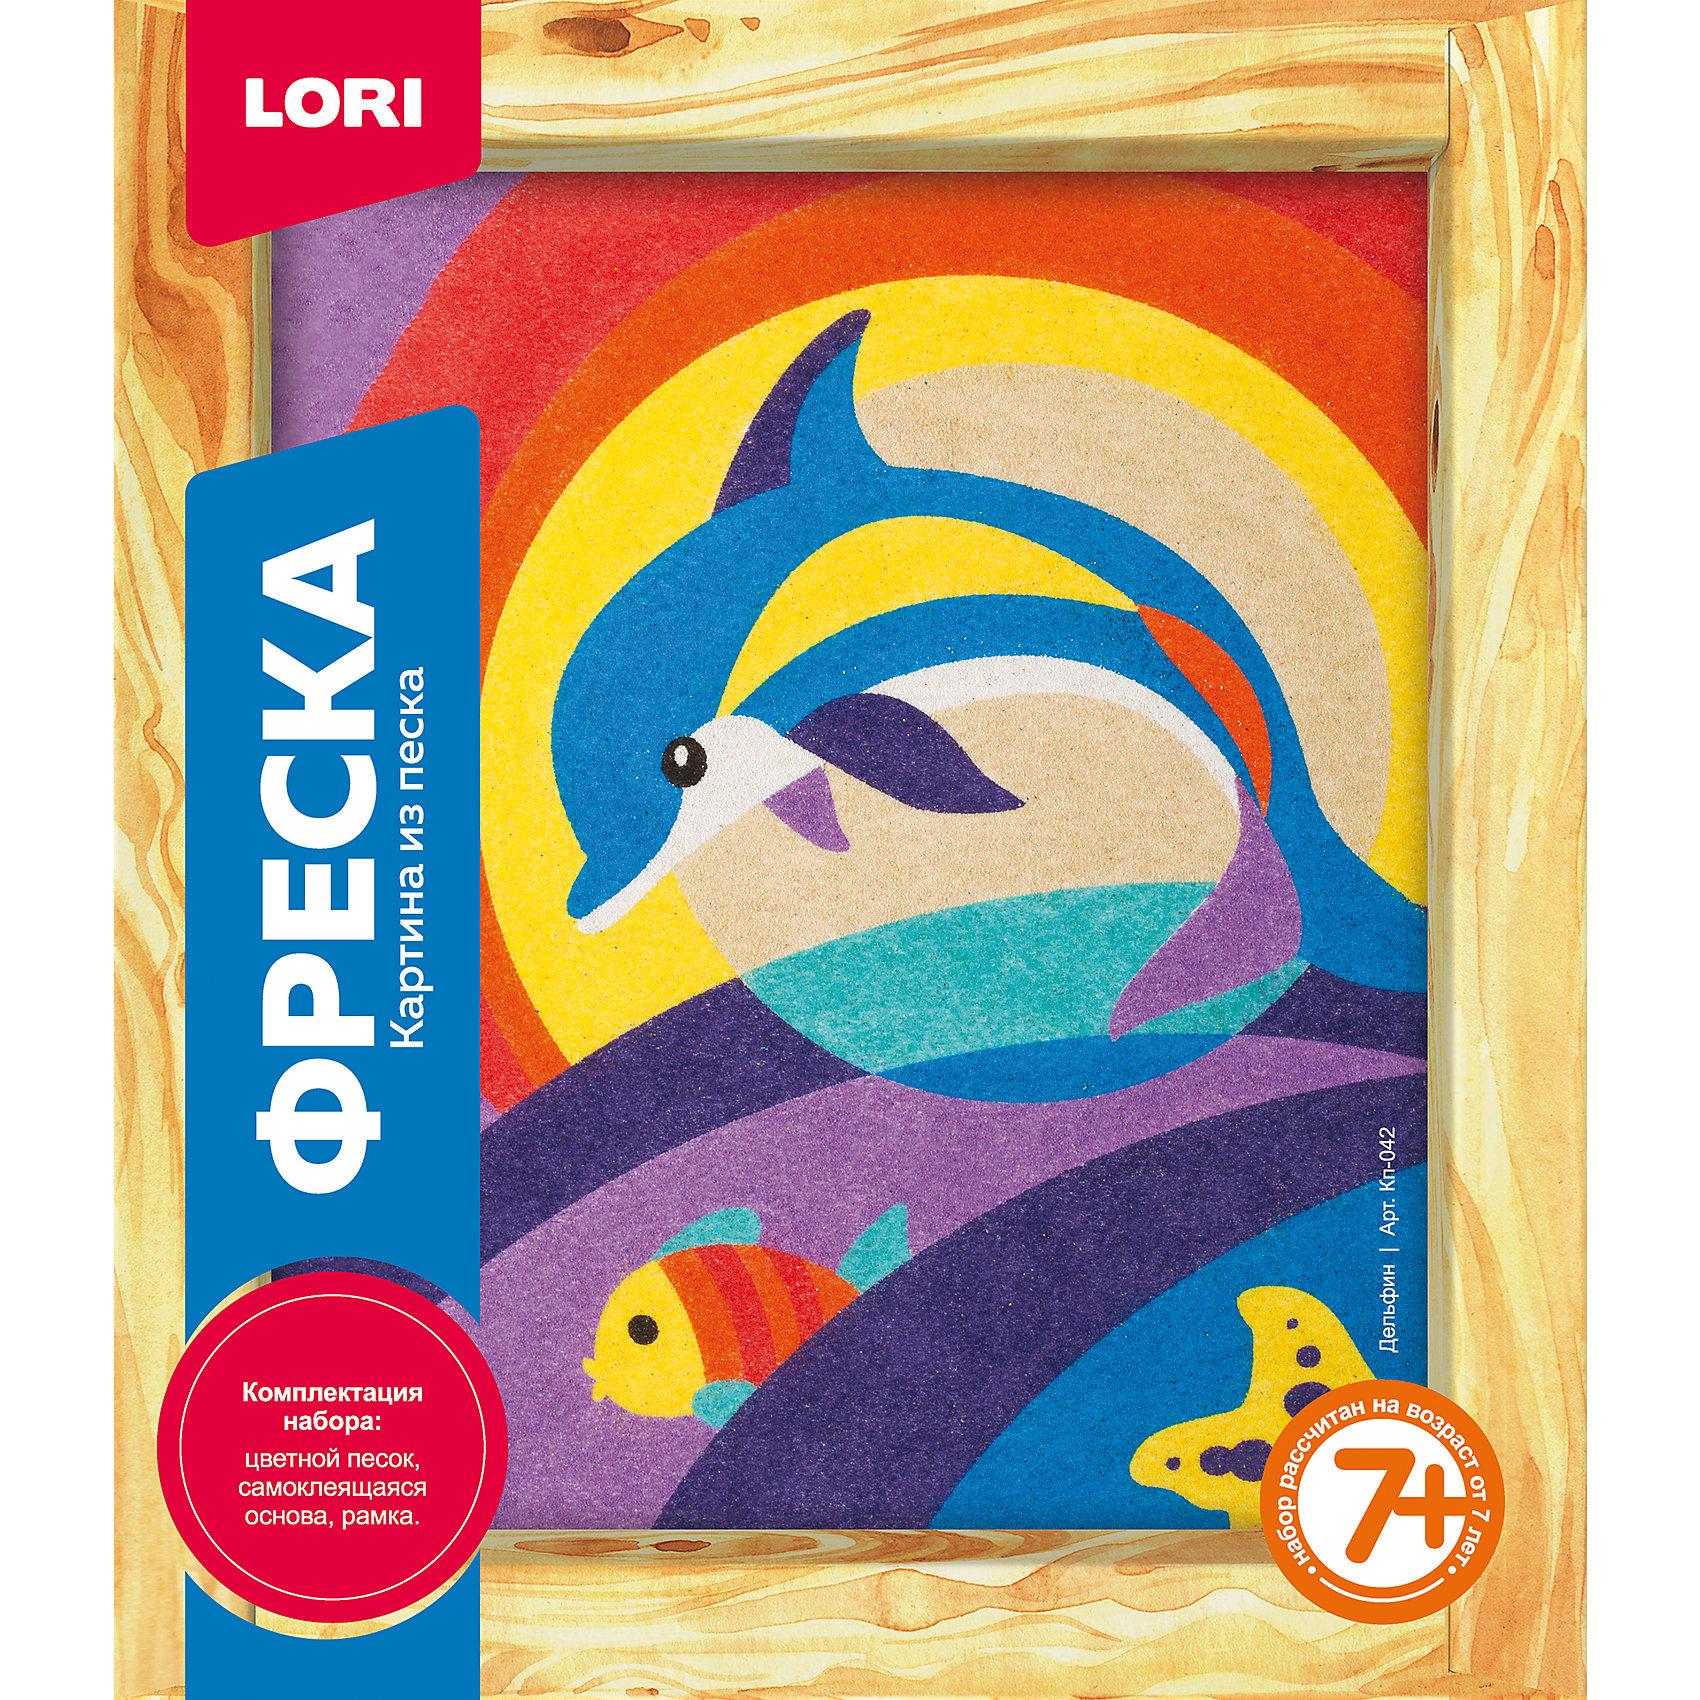 Фреска-картина из песка ДельфинХарактеристики товара:<br><br>• цвет: разноцветный<br>• материал: песок<br>• размер упаковки: 23х20х4 см<br>• вес: 200 г<br>• комплектация: цветной песок, самоклеящаяся основа, рамка, инструкция на упаковке<br>• возраст: от семи лет<br>• упаковка: картонная коробка<br>• страна бренда: РФ<br>• страна изготовитель: РФ<br><br>Этот набор для творчества станет отличным подарком ребенку - ведь с помощью него можно получить красивое изображение из песка! В набор входит цветной песок, самоклеящаяся основа, рамка и инструкция на упаковке. Чтобы получить картинку, нужно нанести песок на основу с разметкой. В итоге получается украшение для интерьера или подарок родным.<br>Детям очень нравится что-то делать своими руками! Кроме того, творчество помогает детям развивать важные навыки и способности, оно активизирует мышление, формирует усидчивость, творческие способности, мелкую моторику и воображение. Изделие производится из качественных и проверенных материалов, которые безопасны для детей.<br><br>Фреску-картину из песка Дельфин от бренда LORI можно купить в нашем интернет-магазине.<br><br>Ширина мм: 230<br>Глубина мм: 200<br>Высота мм: 40<br>Вес г: 210<br>Возраст от месяцев: 84<br>Возраст до месяцев: 120<br>Пол: Женский<br>Возраст: Детский<br>SKU: 5154876